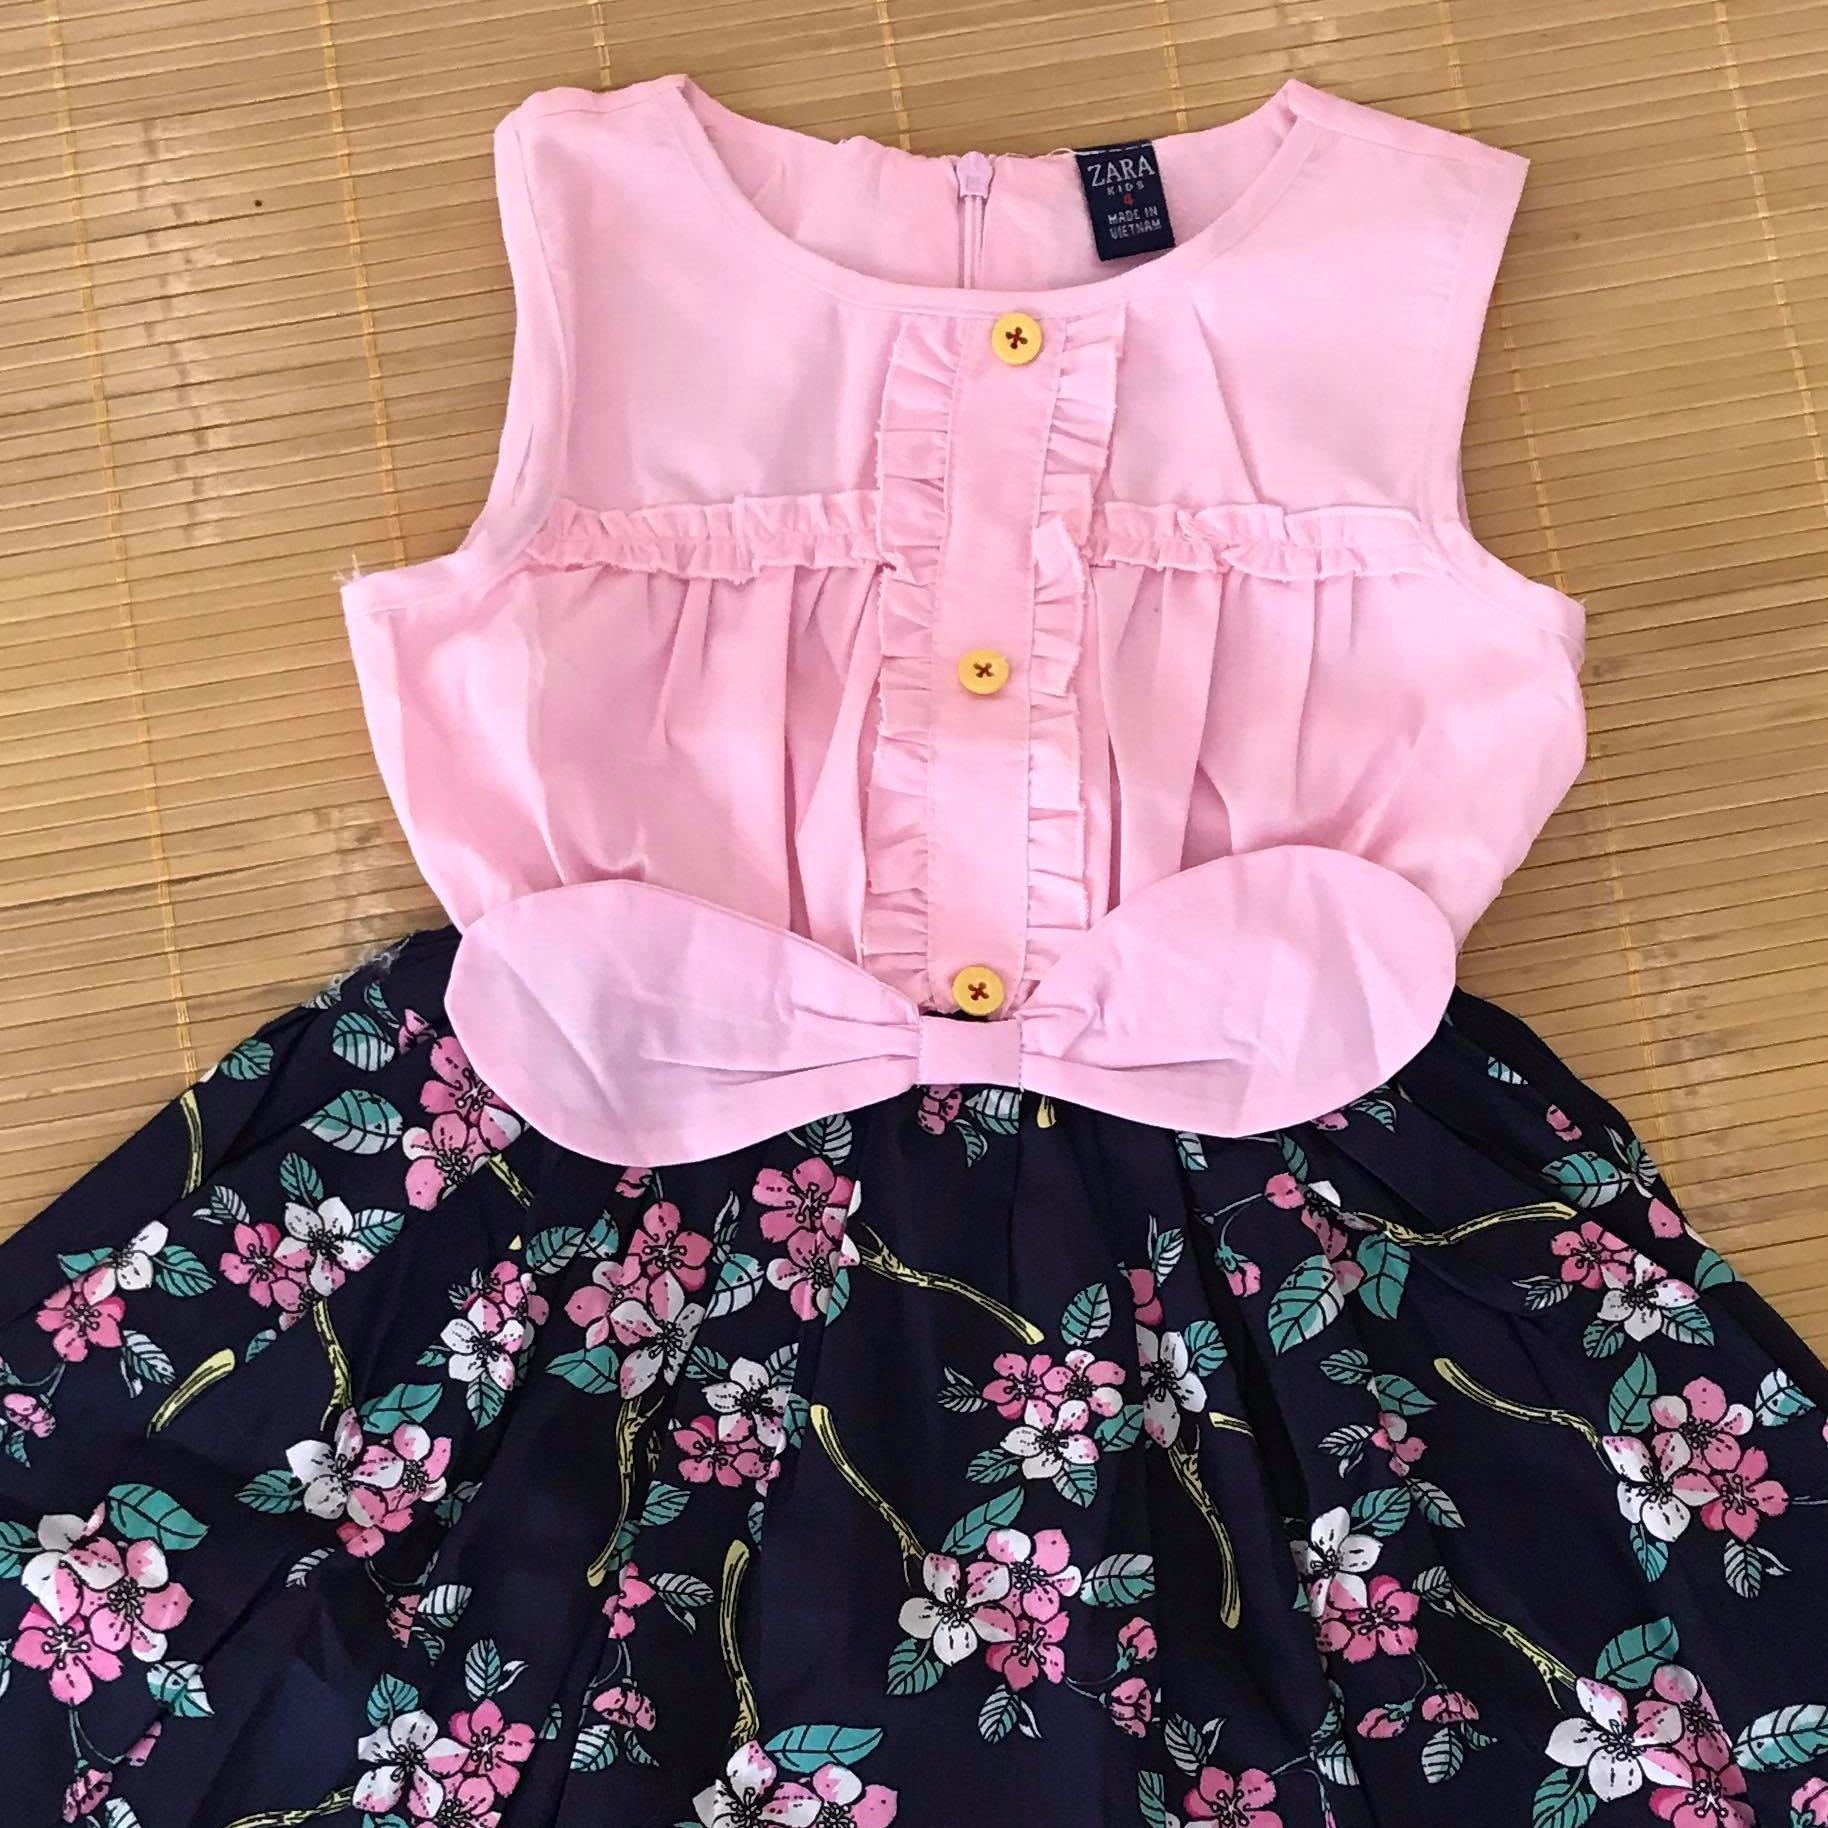 Mua Đàm Tai Thỏ Zara Kid Chan Váy Hoa Rẻ Trong Hưng Yên